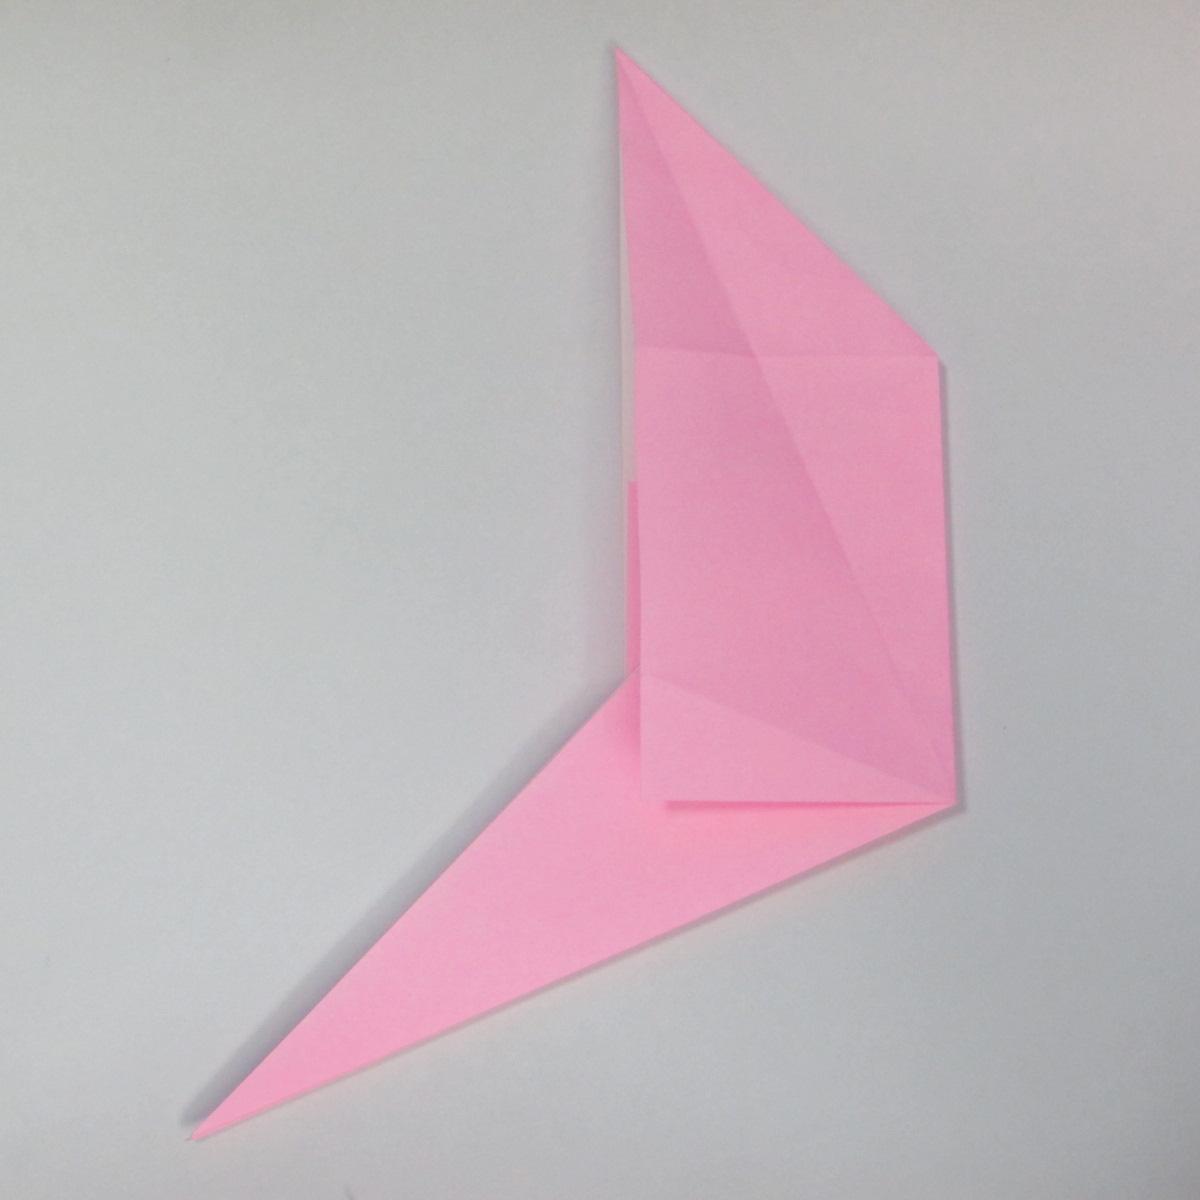 สอนการพับกระดาษเป็นลูกสุนัขชเนาเซอร์ (Origami Schnauzer Puppy) 028